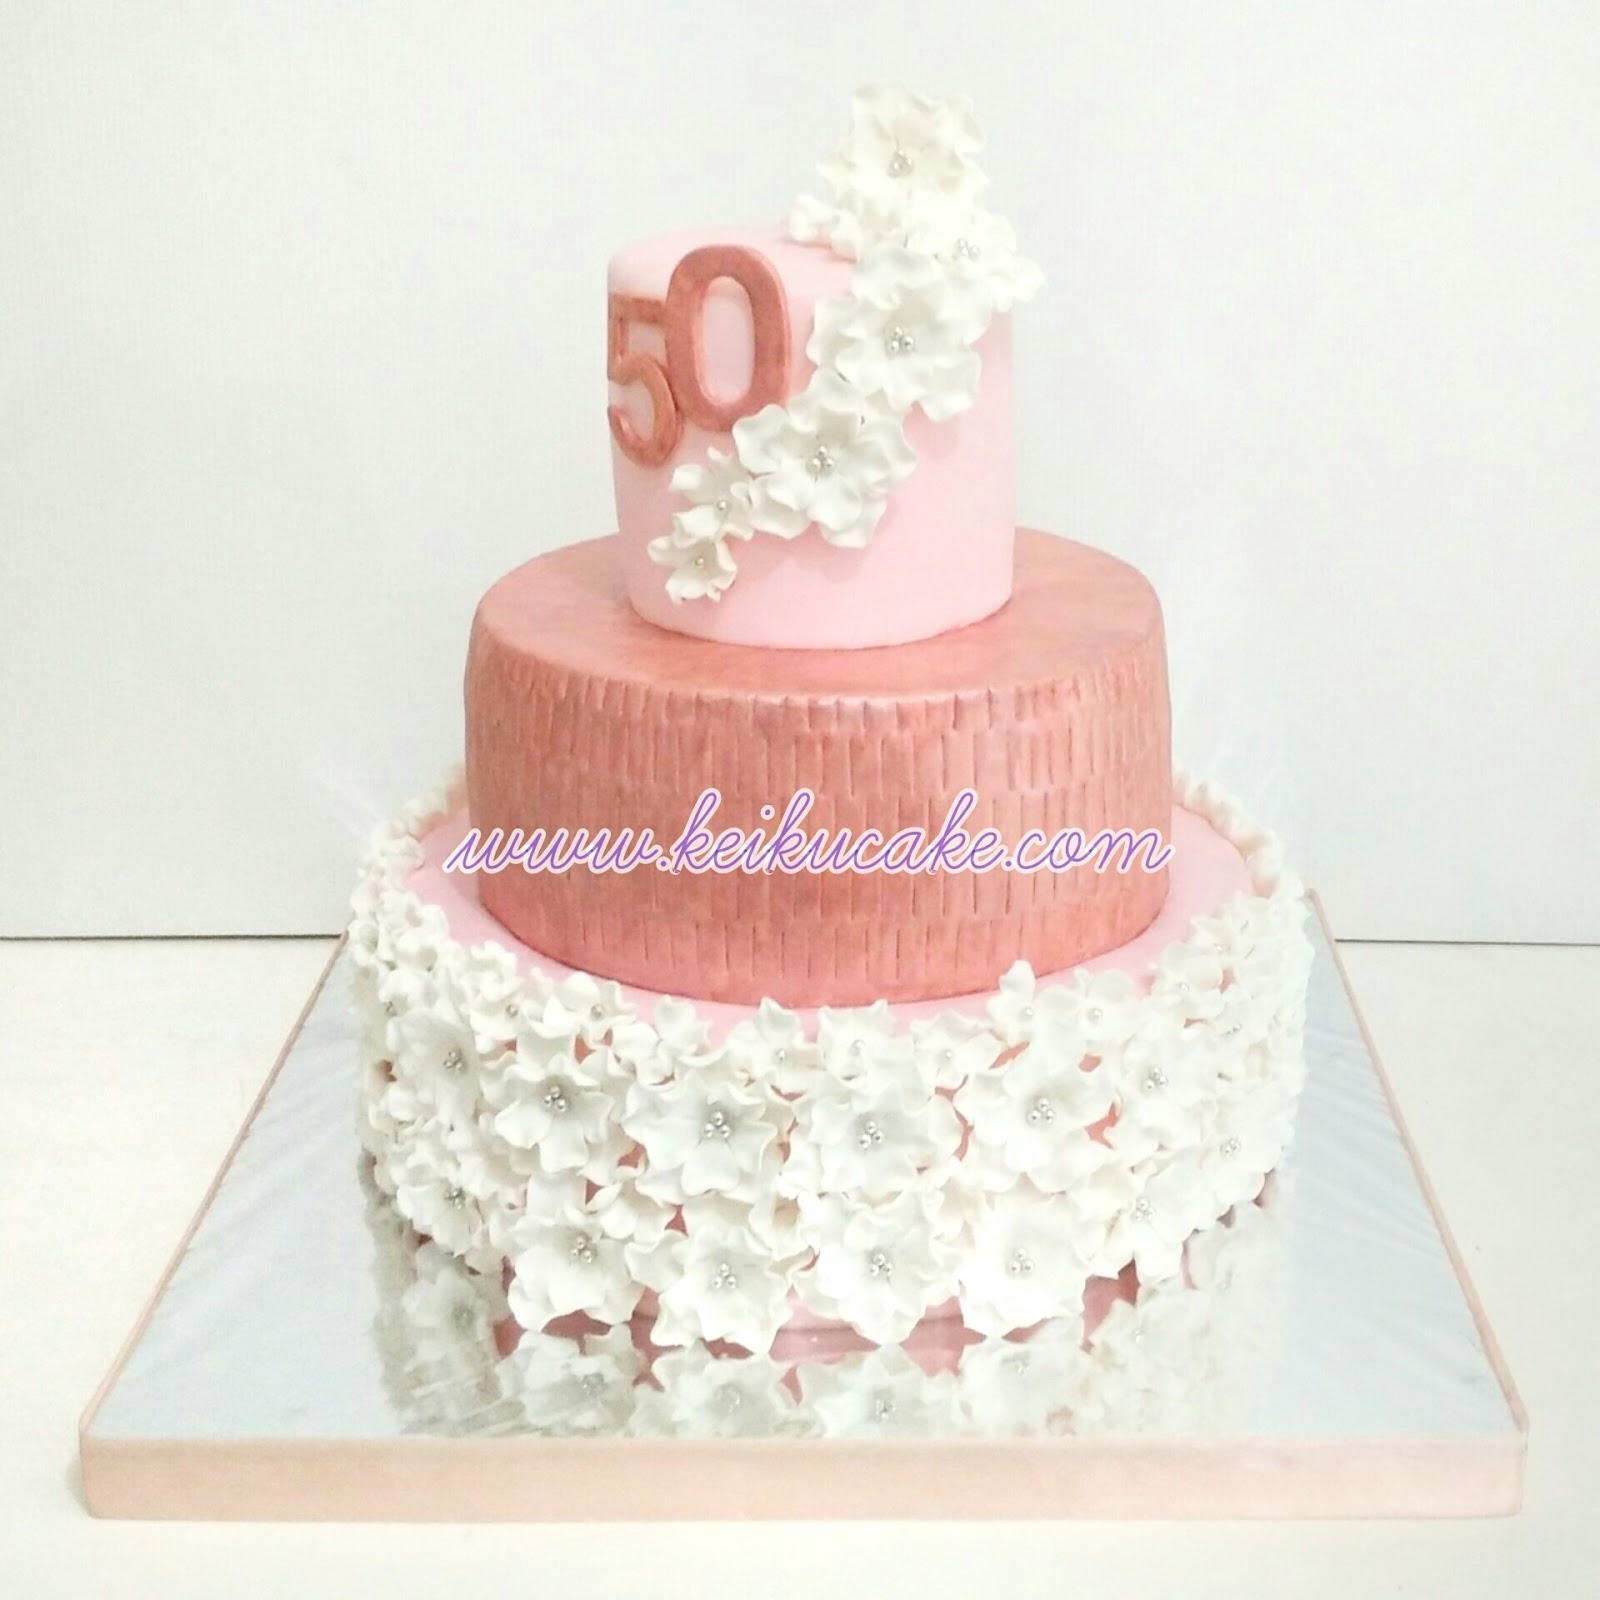 Keiku Cake 3 tiers wedding anniversary cake with